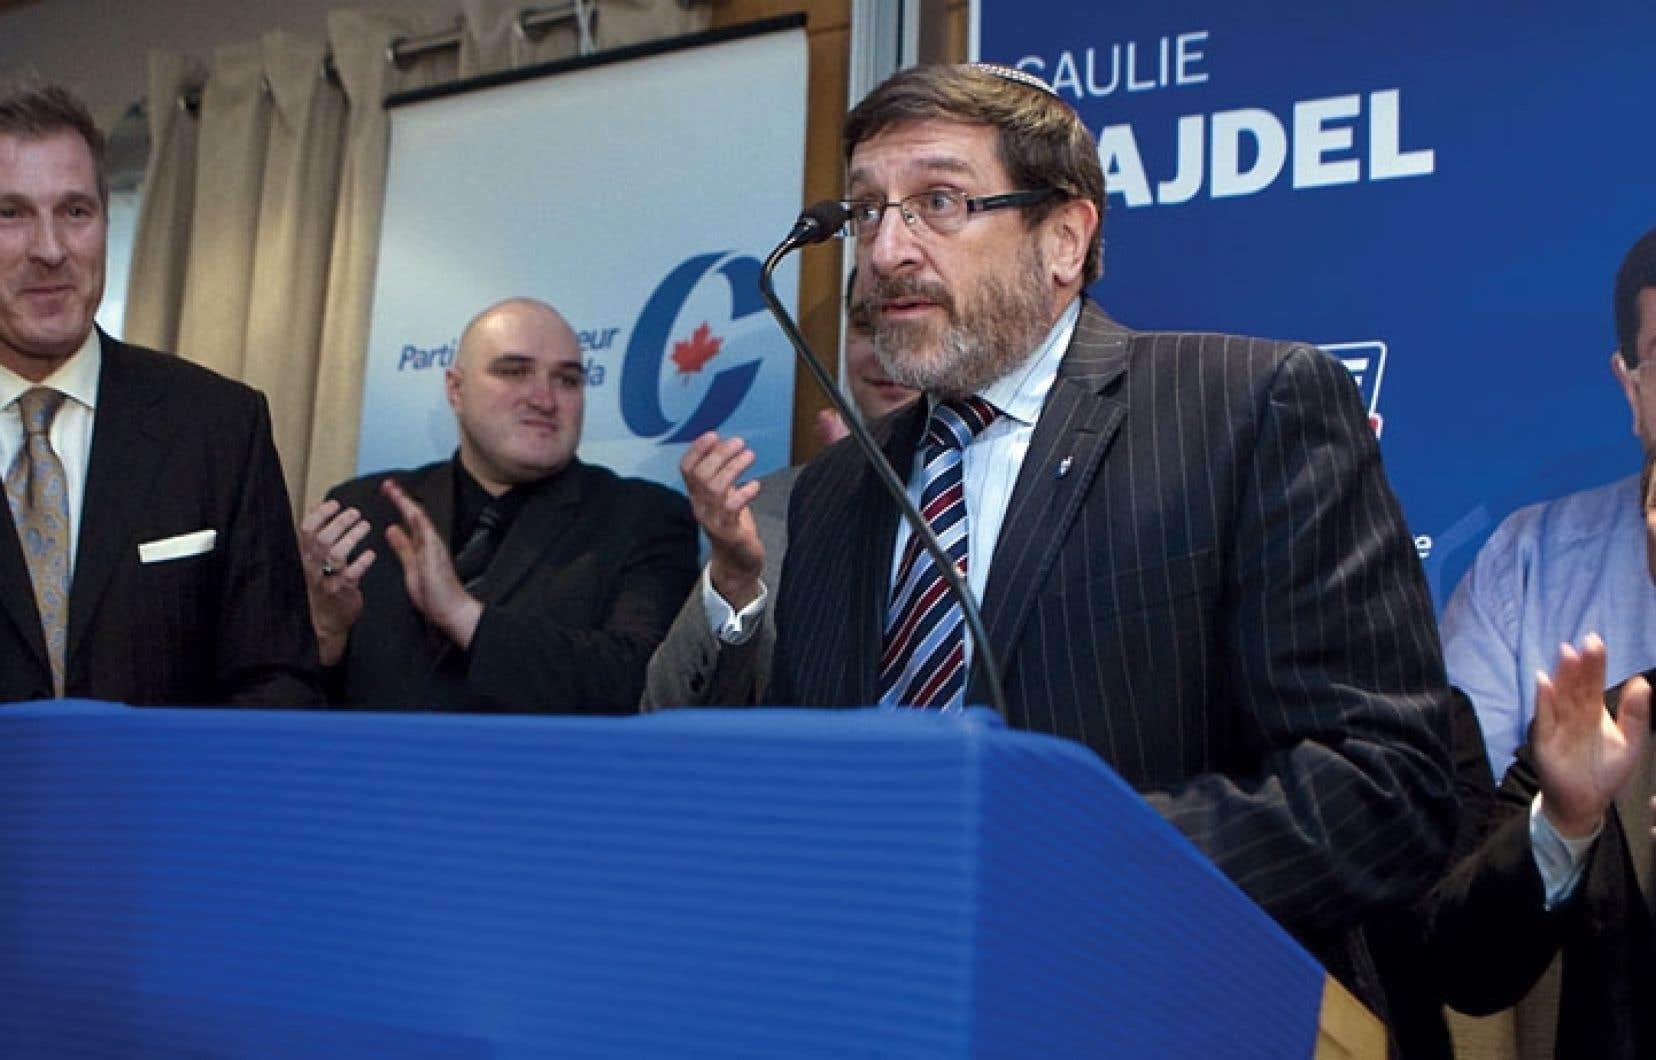 Le candidat conservateur Saulie Zajdel a reçu l'appui de Maxime Bernier, en avril 2011, dans la circonscription de Mont-Royal.